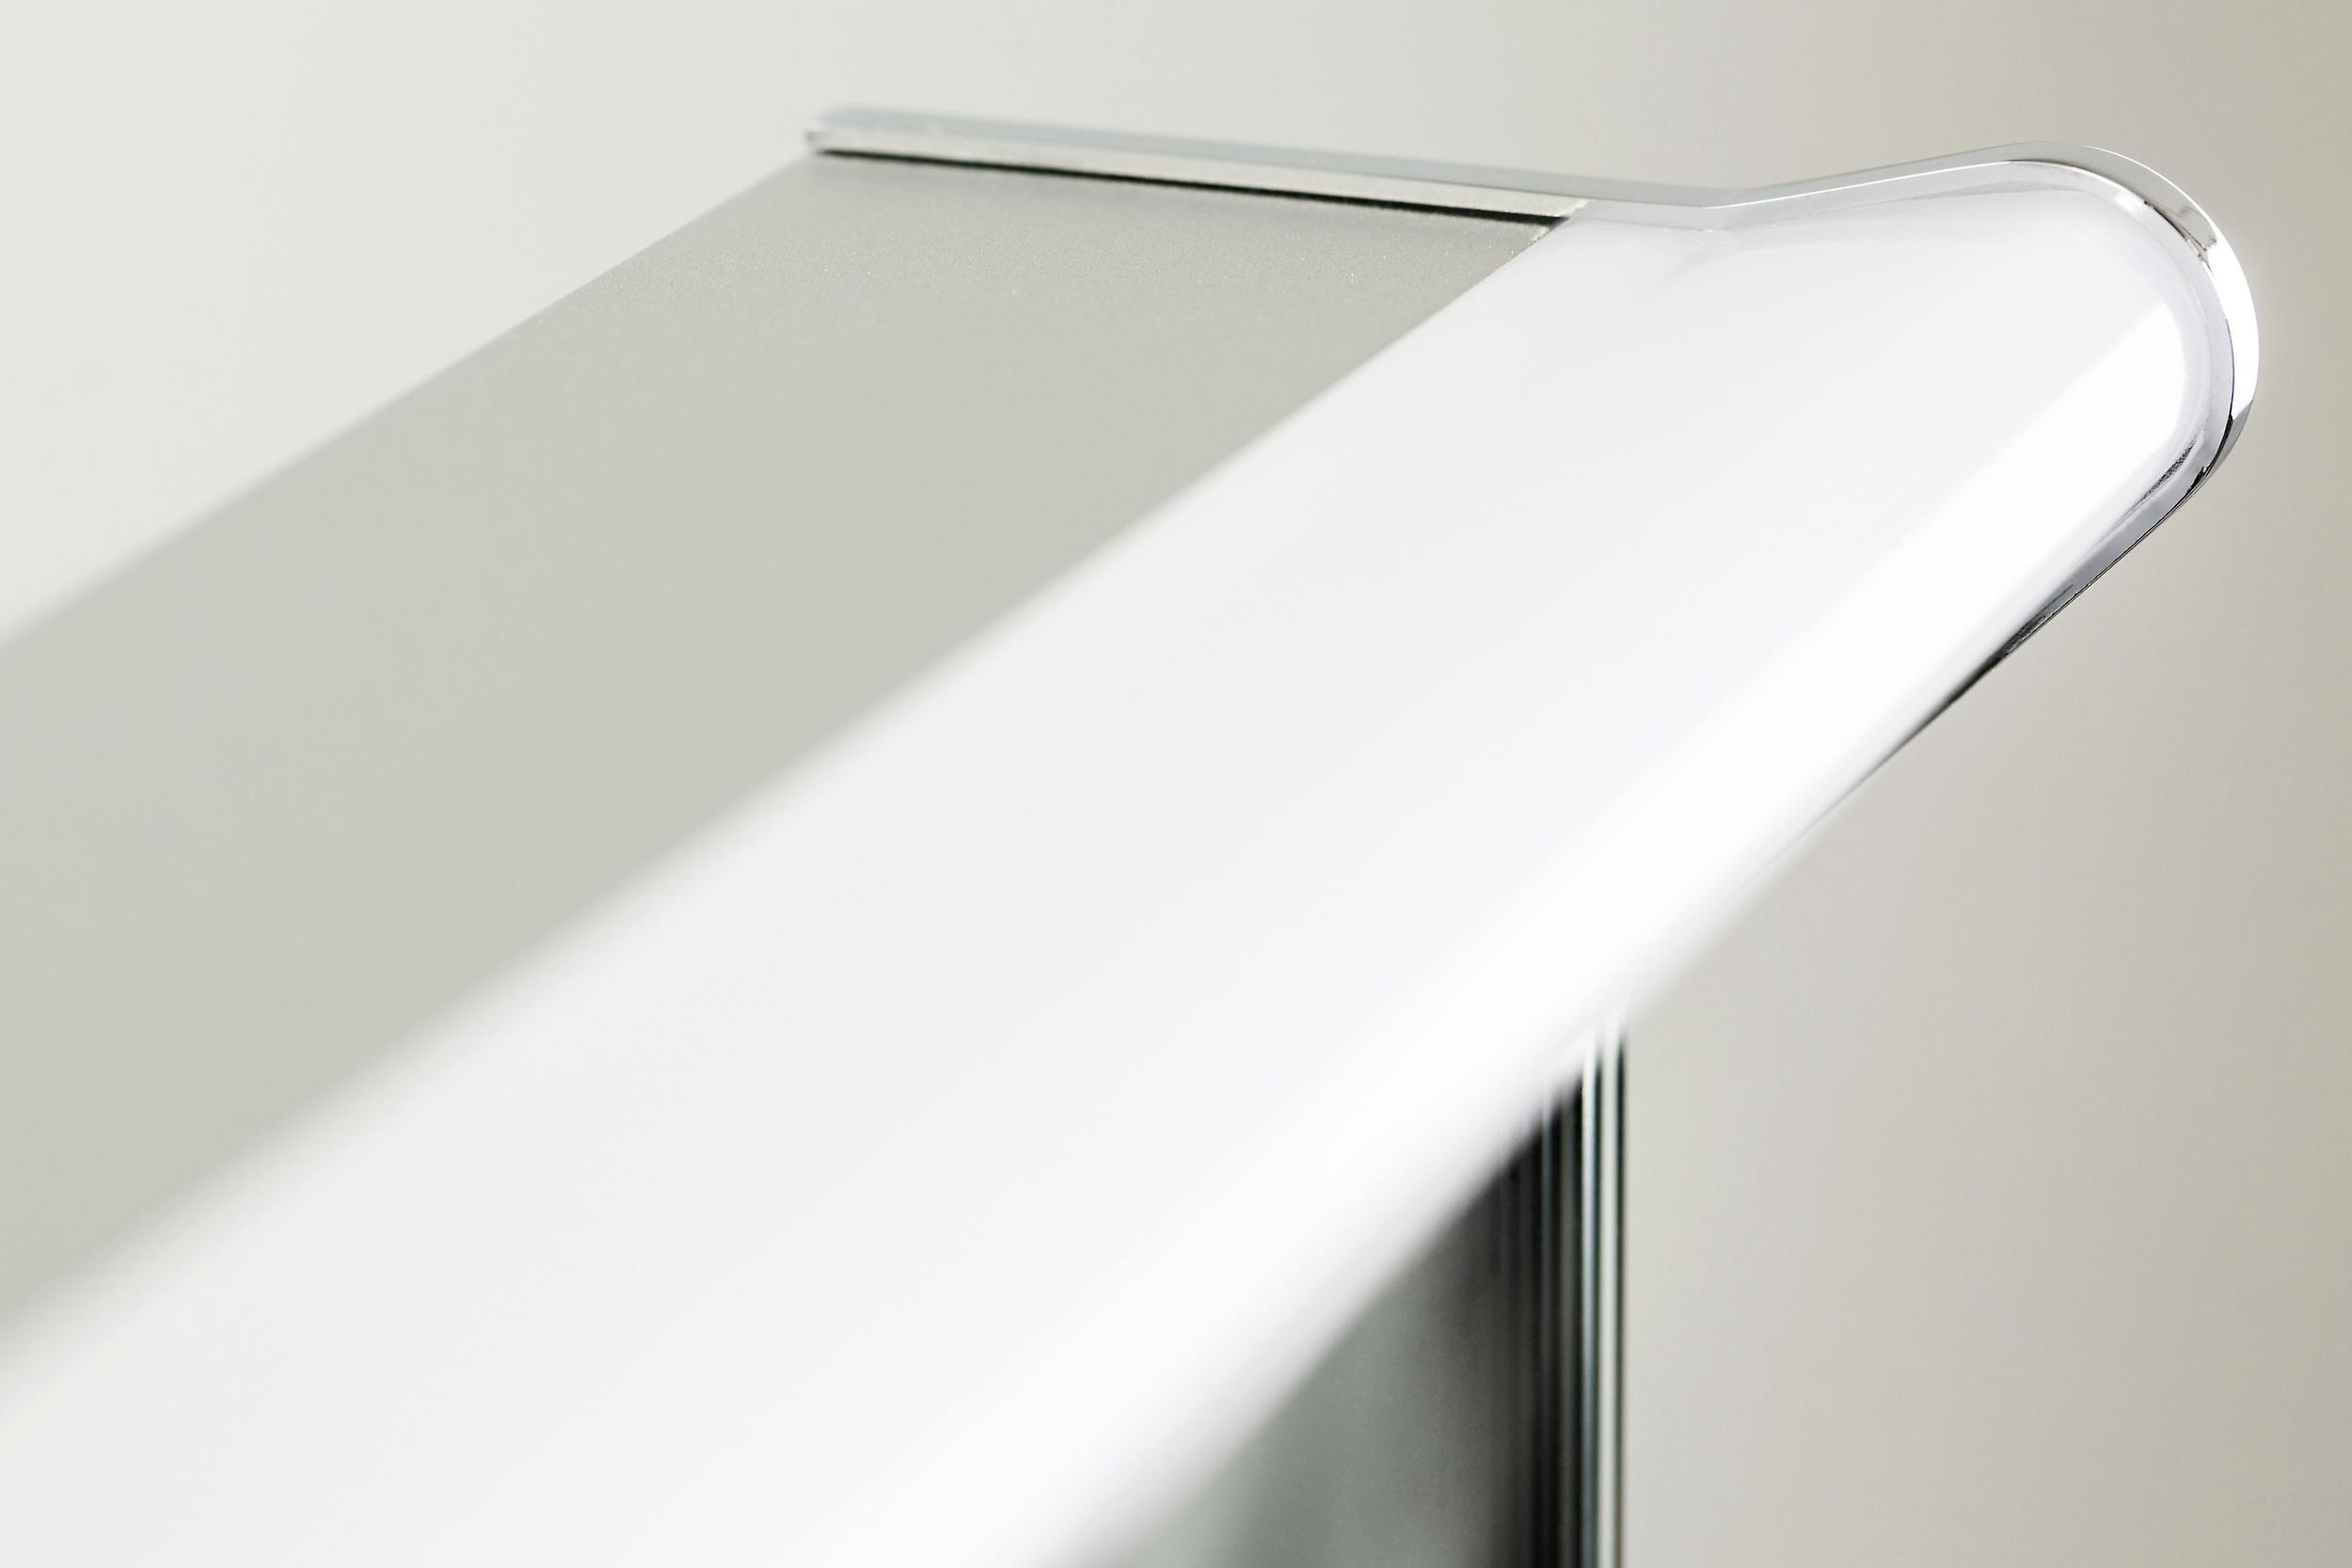 Sirius Bluetooth Audio Light Bathroom Mirror & Demister/Sensor k474aud